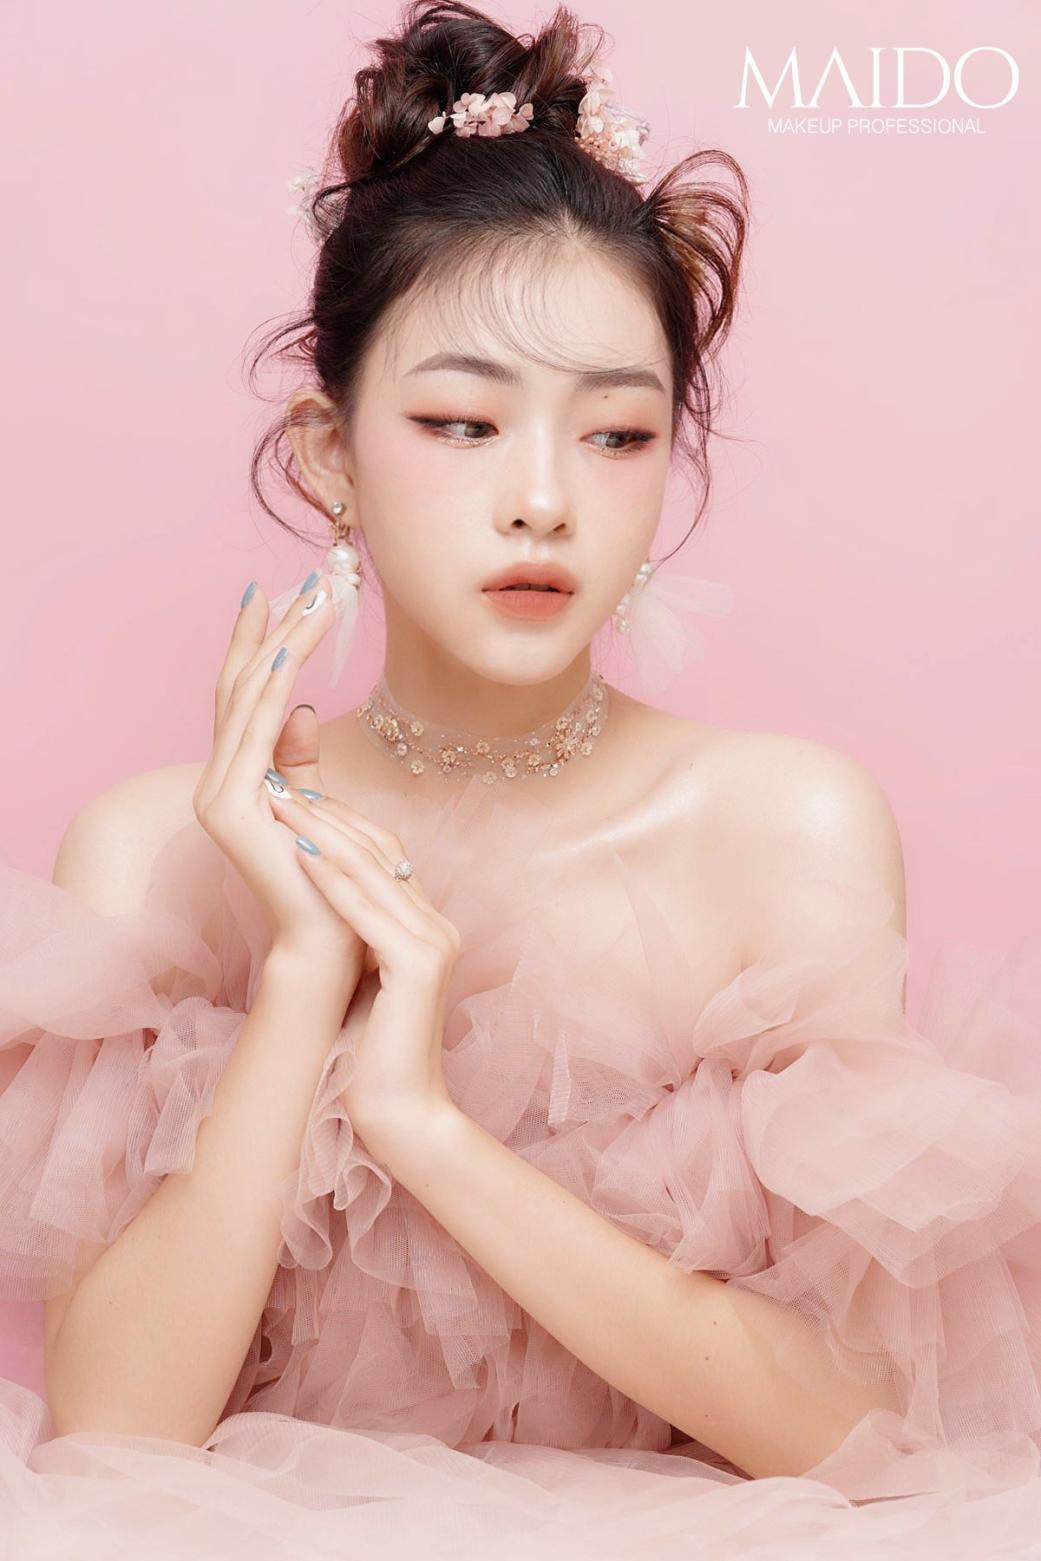 Mai Đỗ Makeup - Địa chỉ vàng mang lại diện mạo xinh đẹp lộng lẫy cho các cô dâu - Ảnh 6.